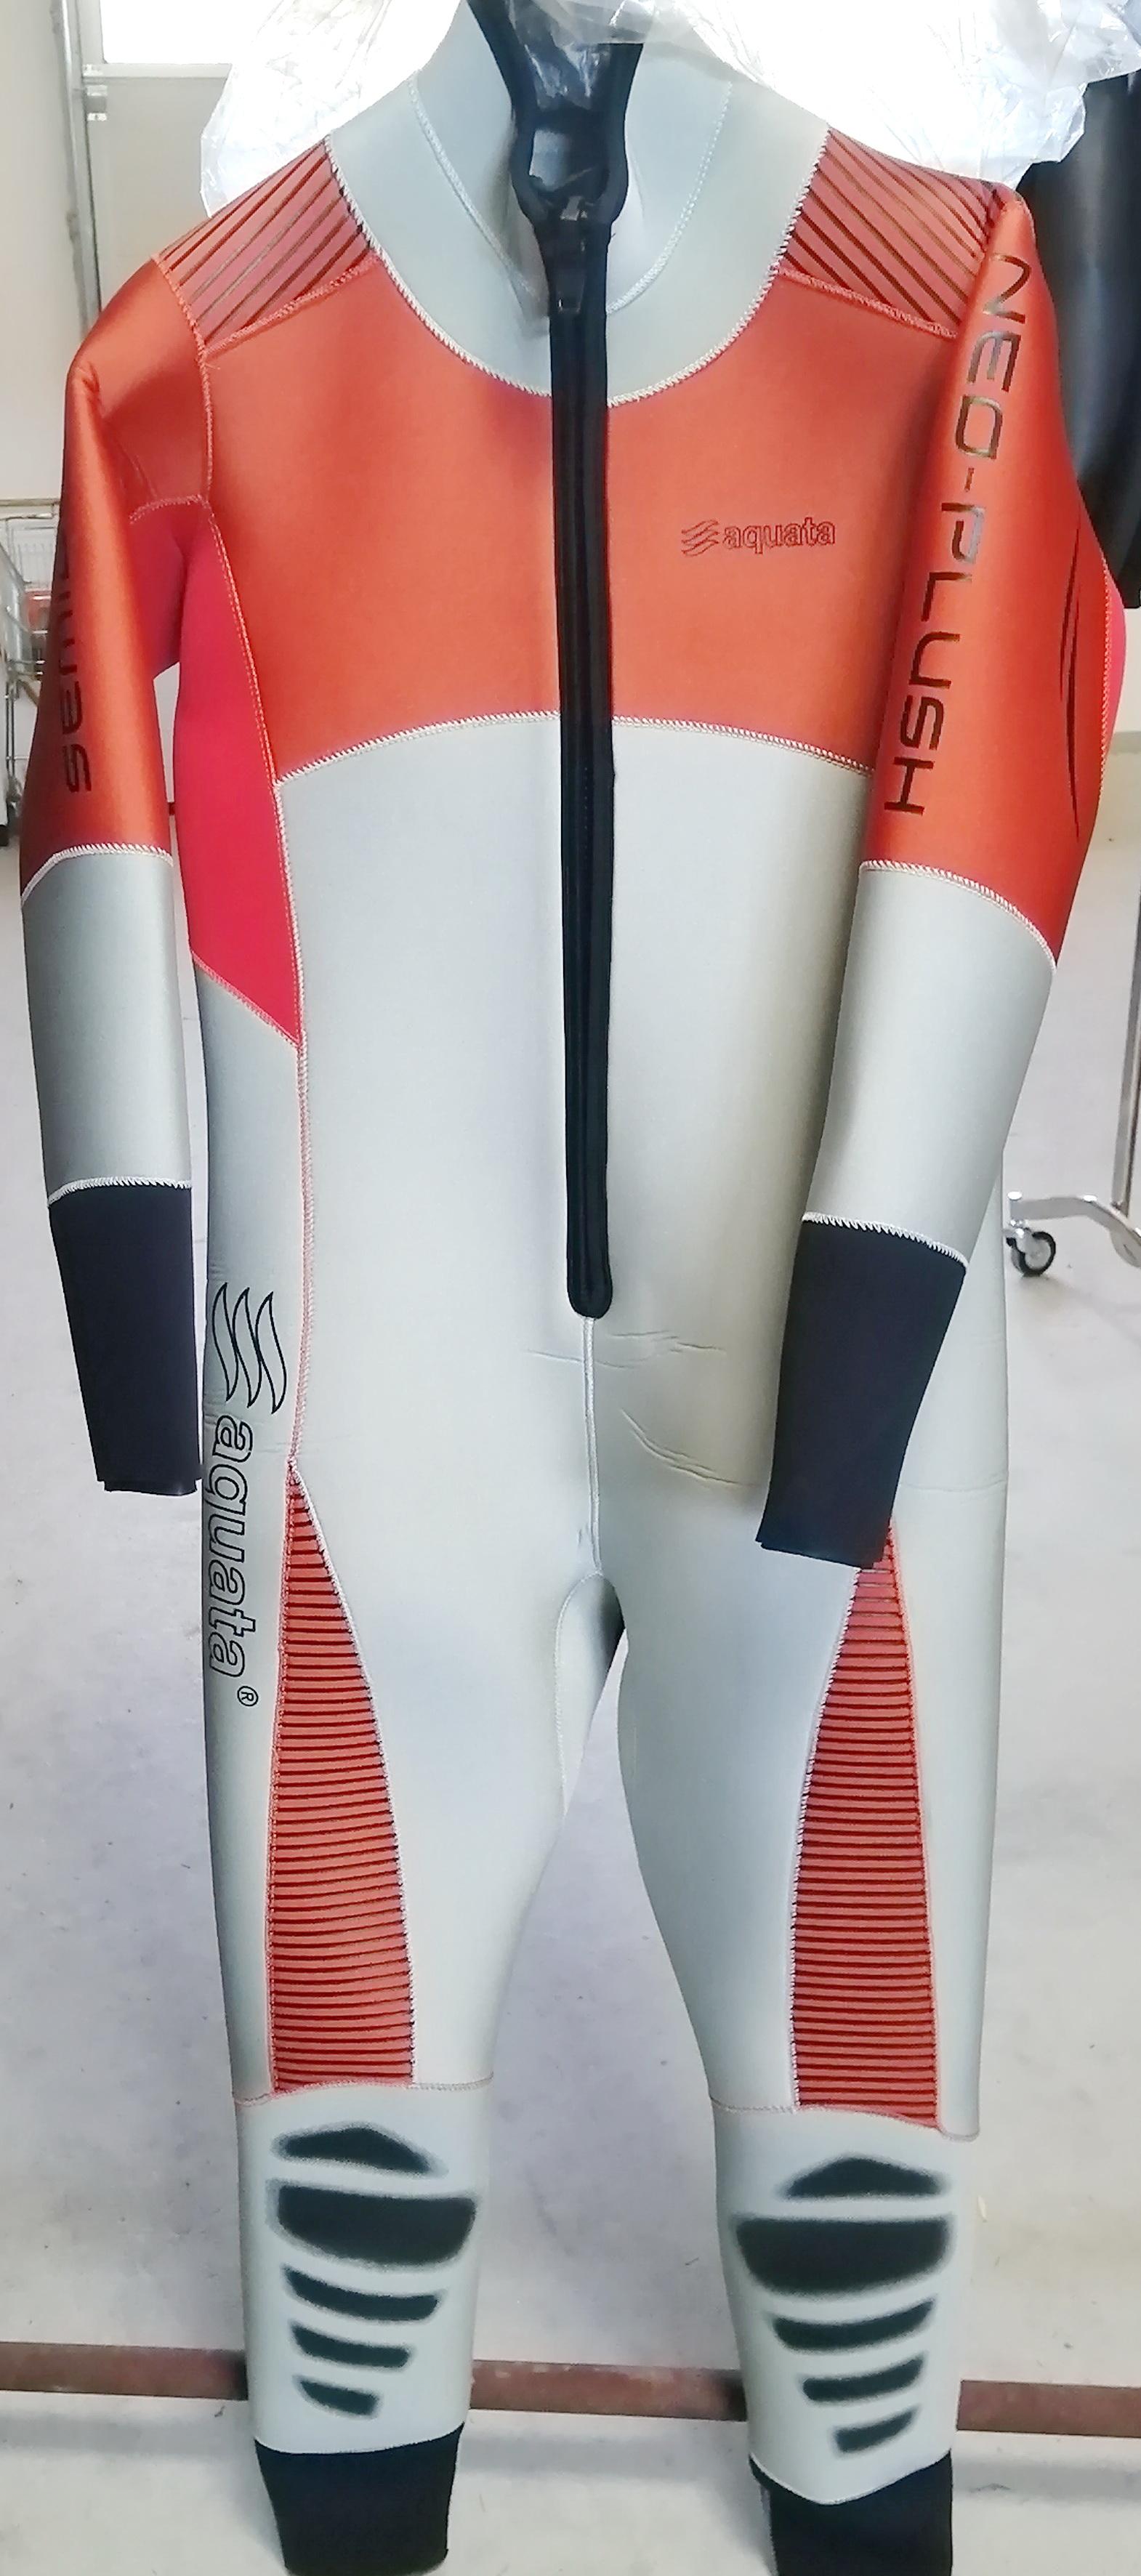 aquata Halbtrocken Tauchanzug   Overall  aus 6mm Neopren Einzelstück  Orion   Modell 2